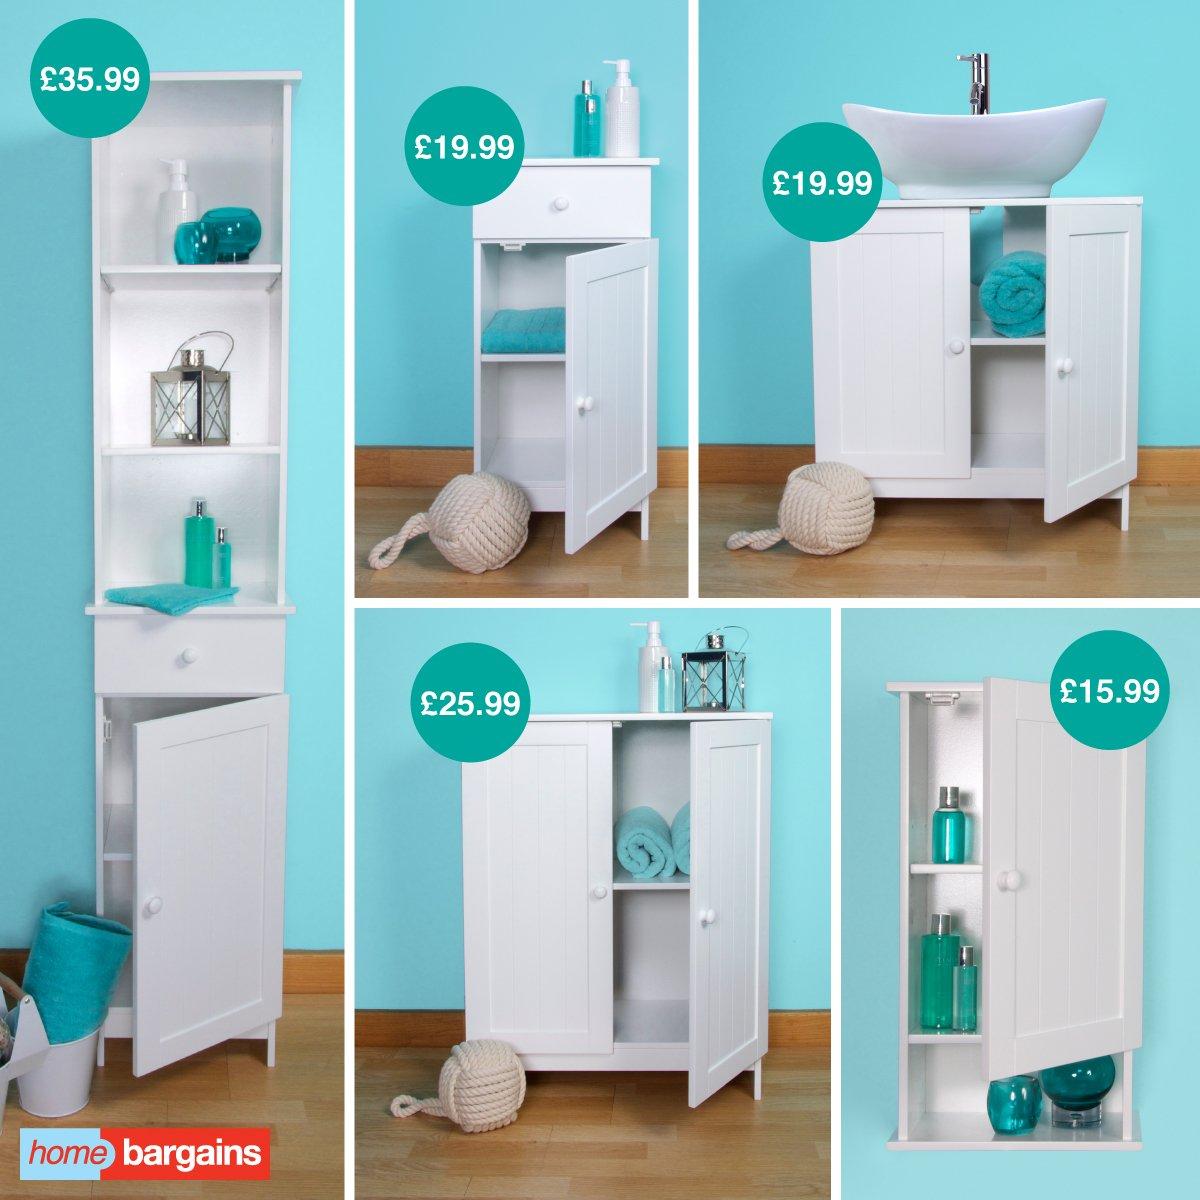 Home Bargains On Twitter Who Loves Our Prestigious Bathrooms Range Available In Online Https T Co Xtnarhxjtg 3pydgh0ydd